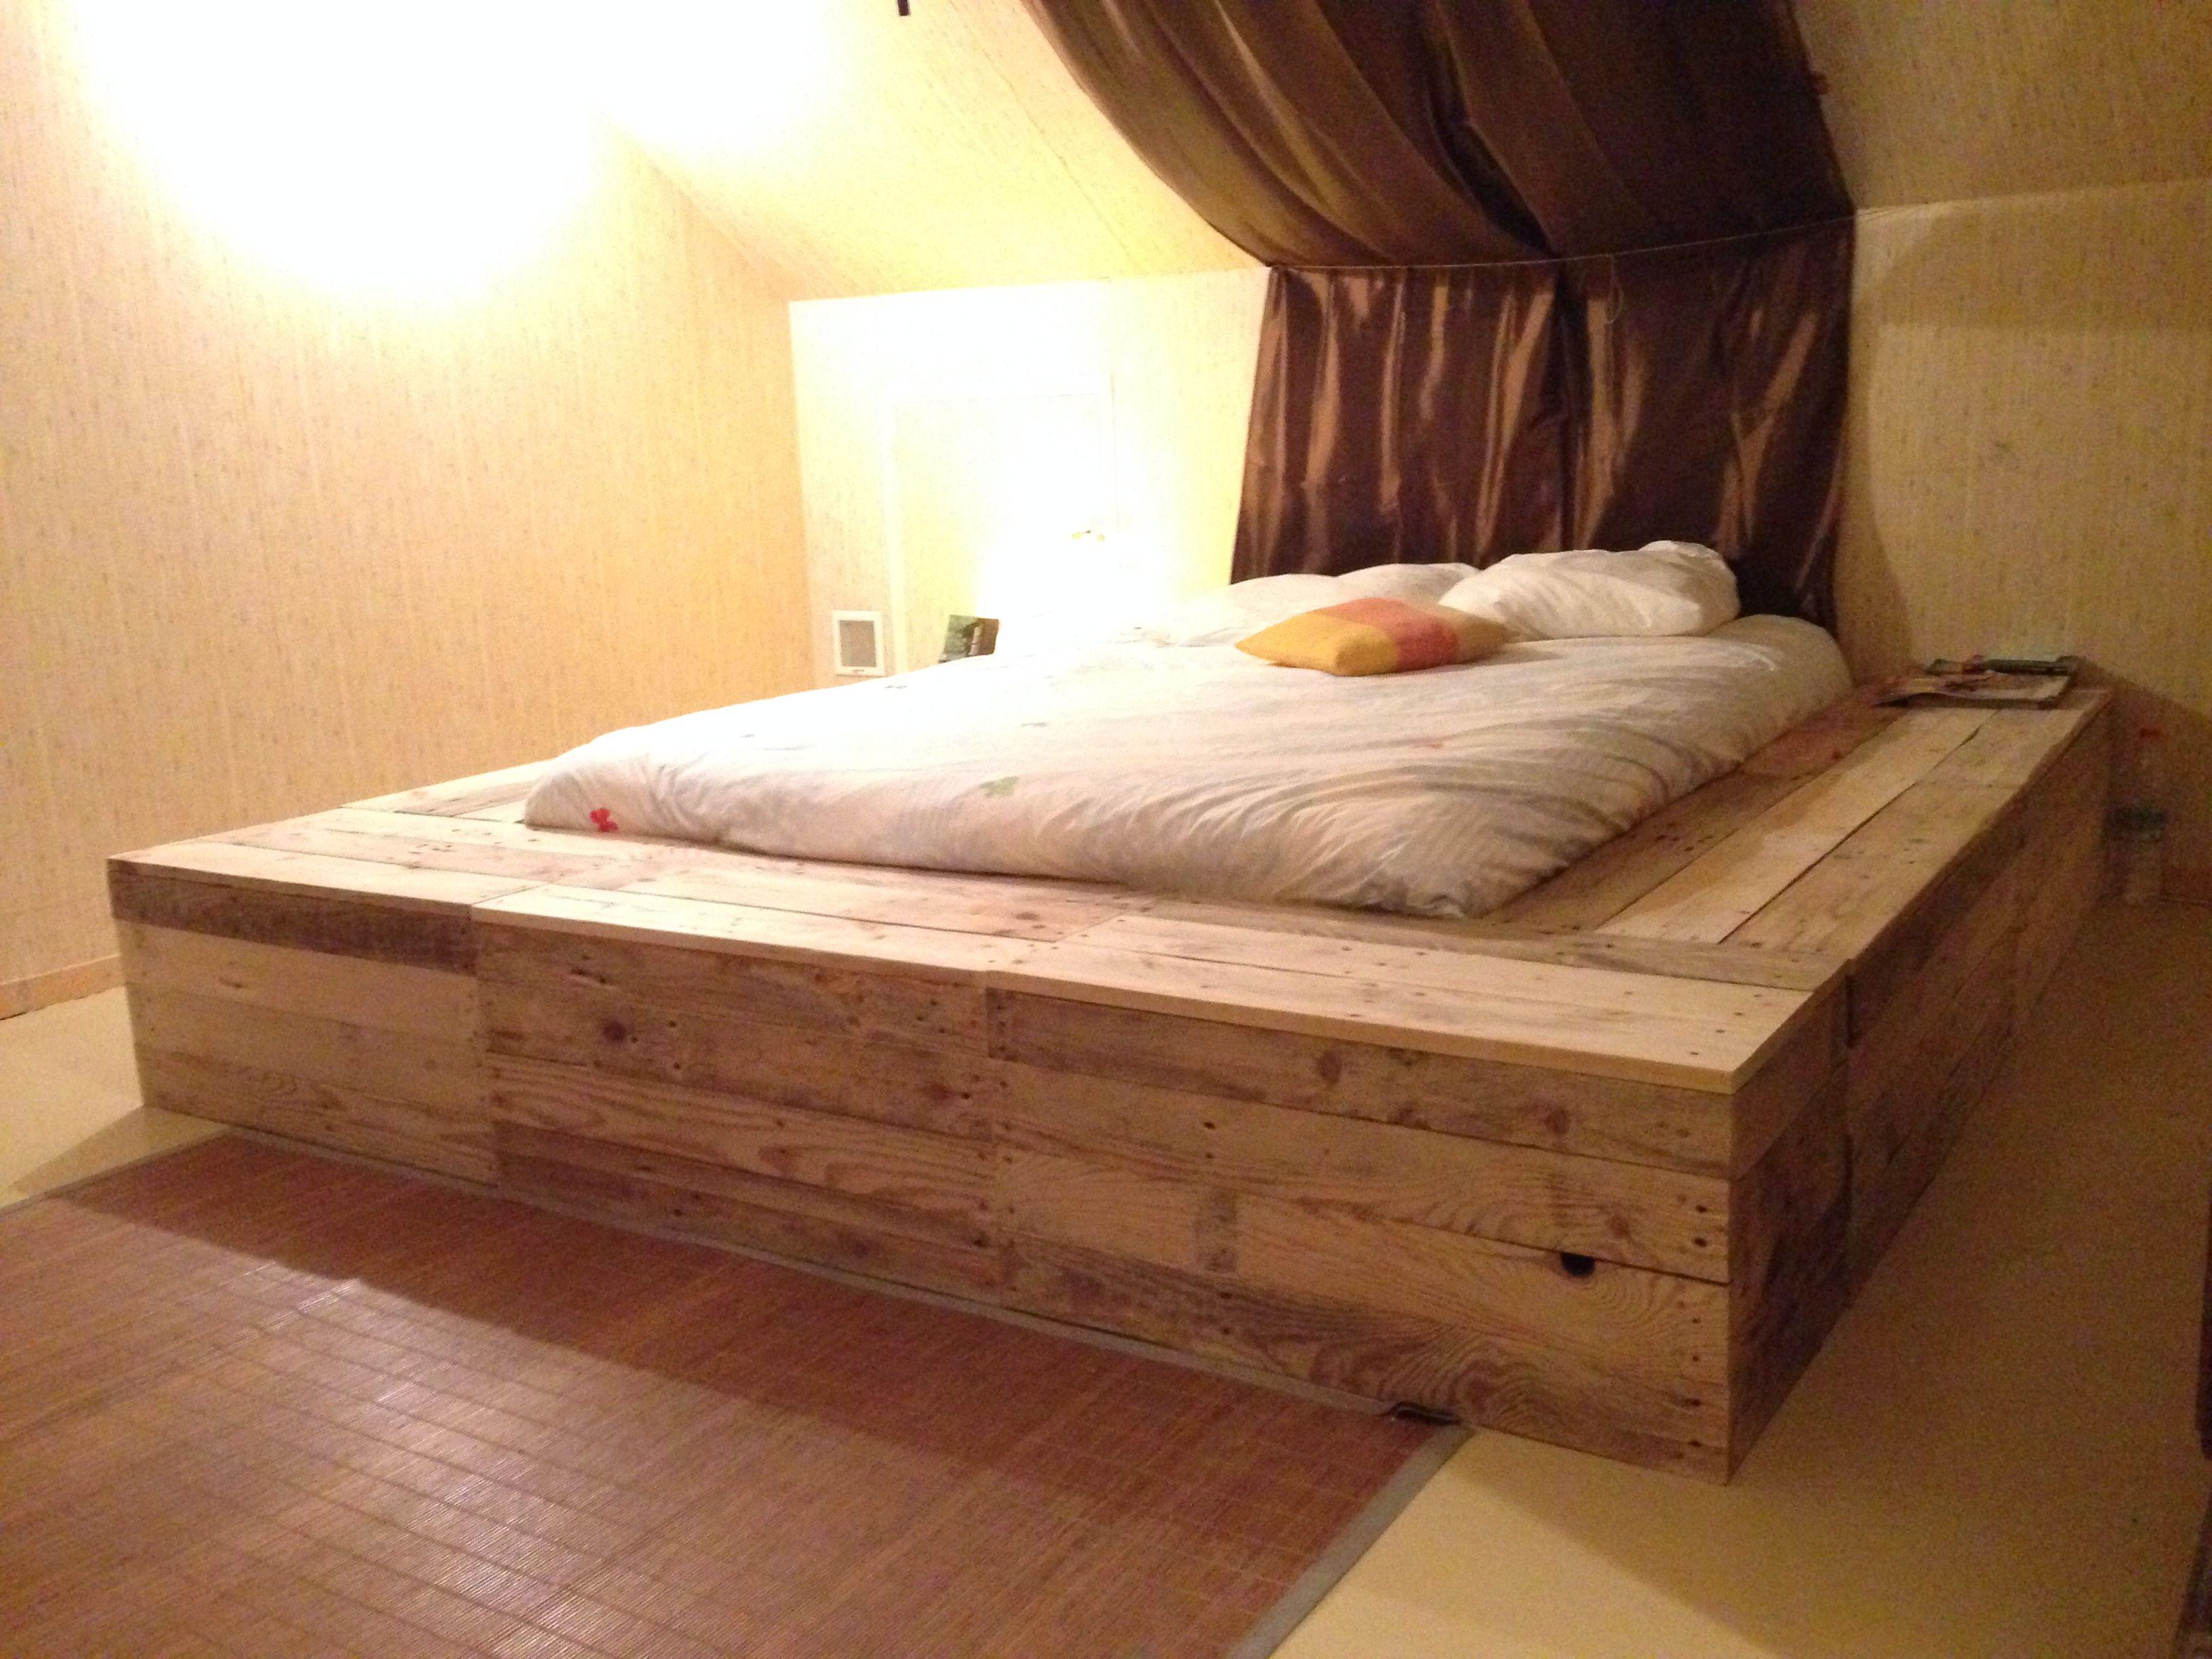 lit plateforme a c 39 est fait pinterest plateforme. Black Bedroom Furniture Sets. Home Design Ideas